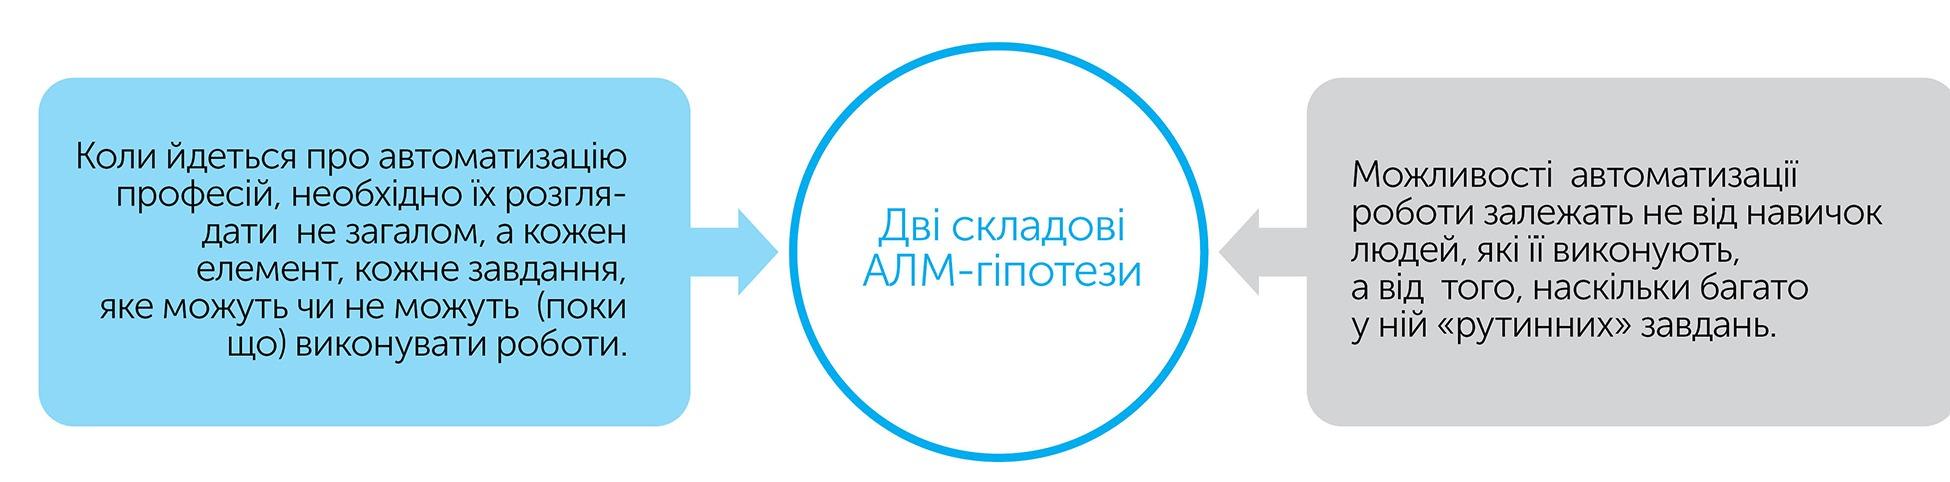 Світ без роботи, автор Деніел Сасскінд | Kyivstar Business Hub, зображення №2